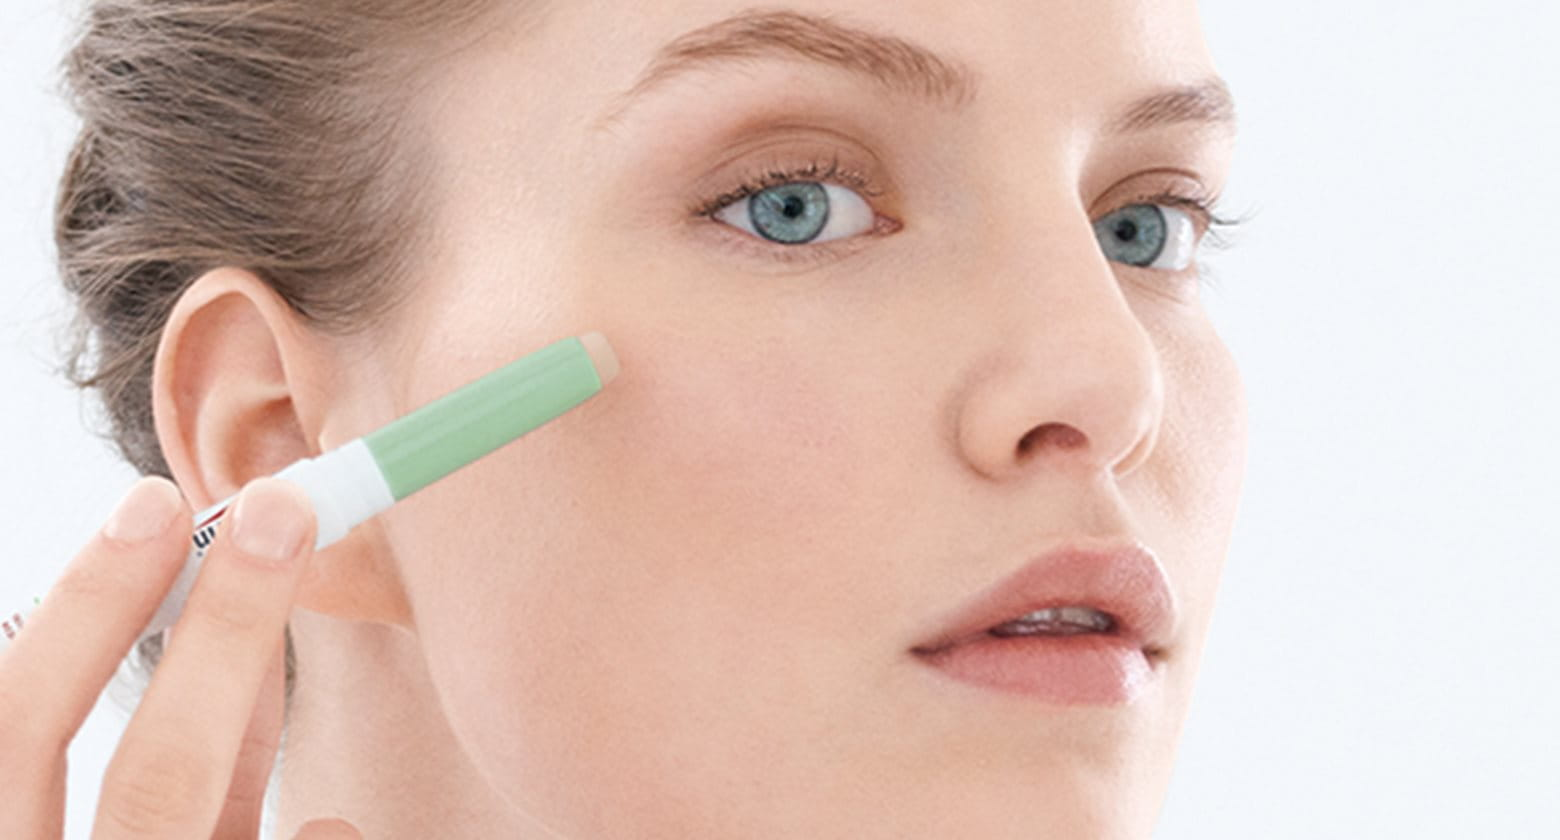 2cb5323bb El acné y el maquillaje ¿Cómo elegir y usar el maquillaje adecuado para mi  piel grasa propensa a imperfecciones?